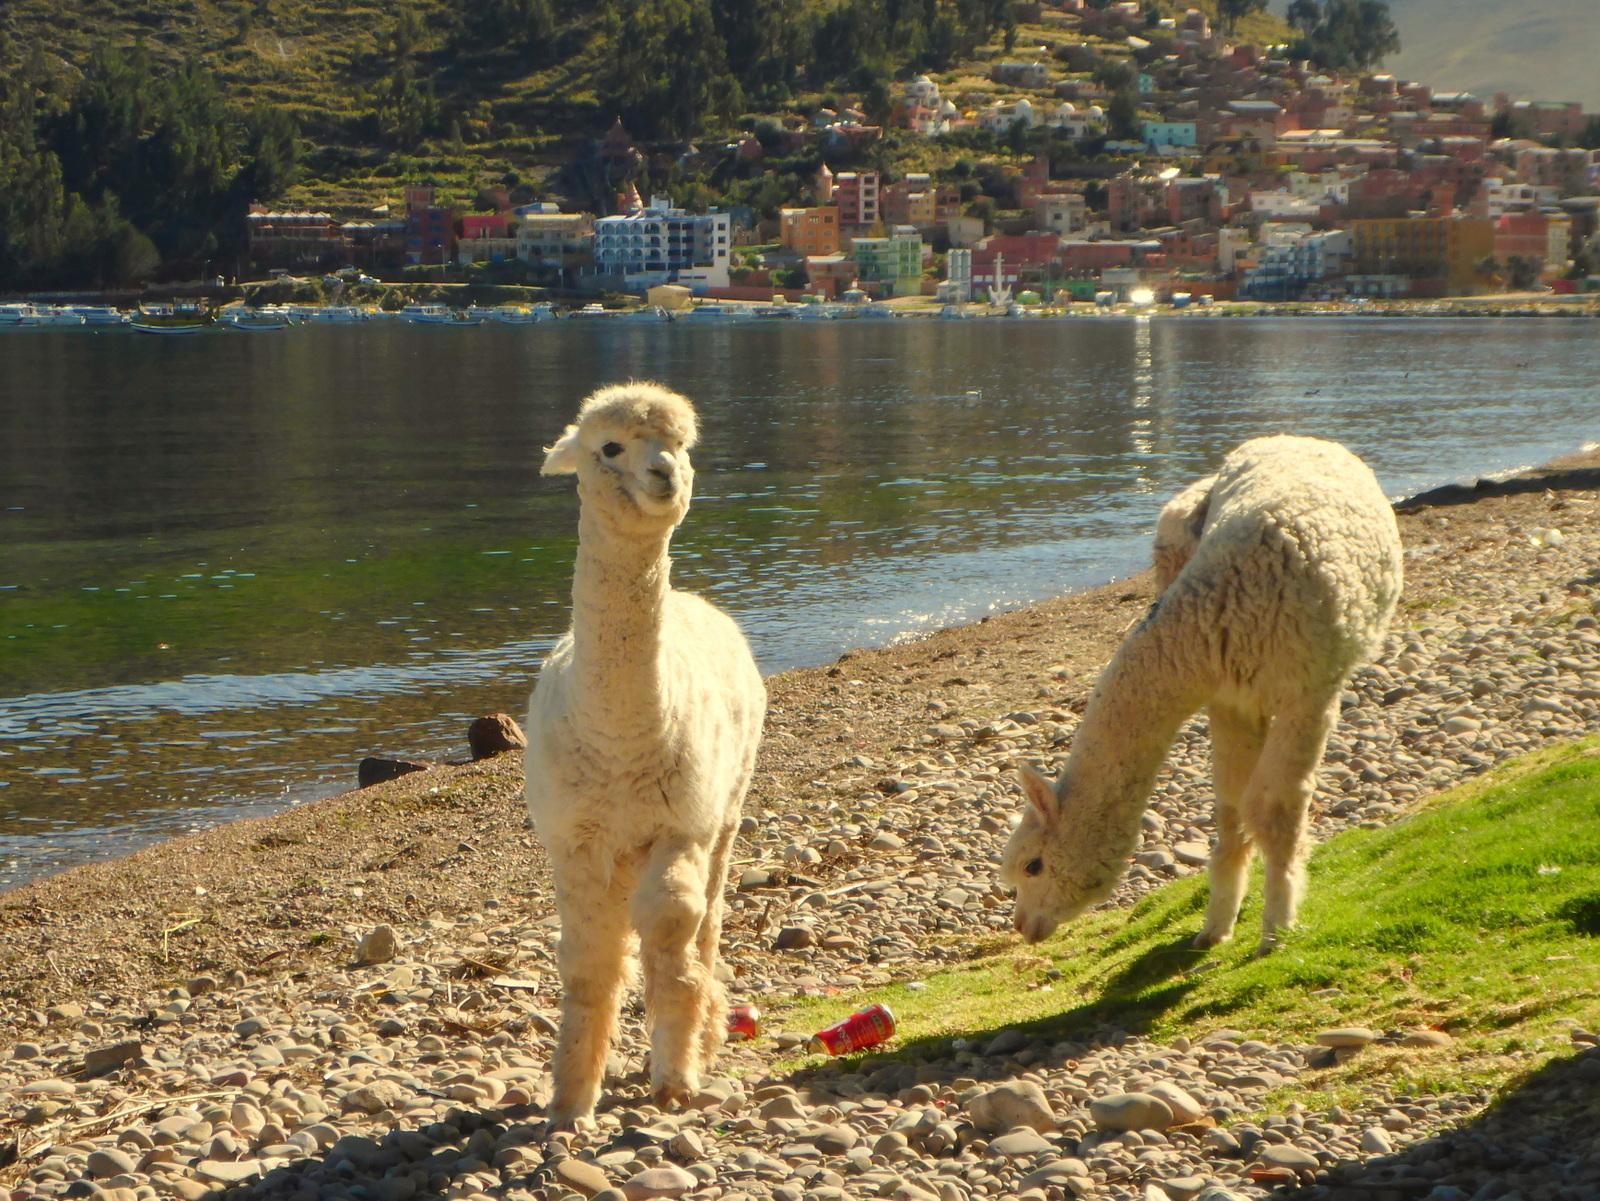 Am Morgen zieht eine Herde Alpacas an uns vorbei